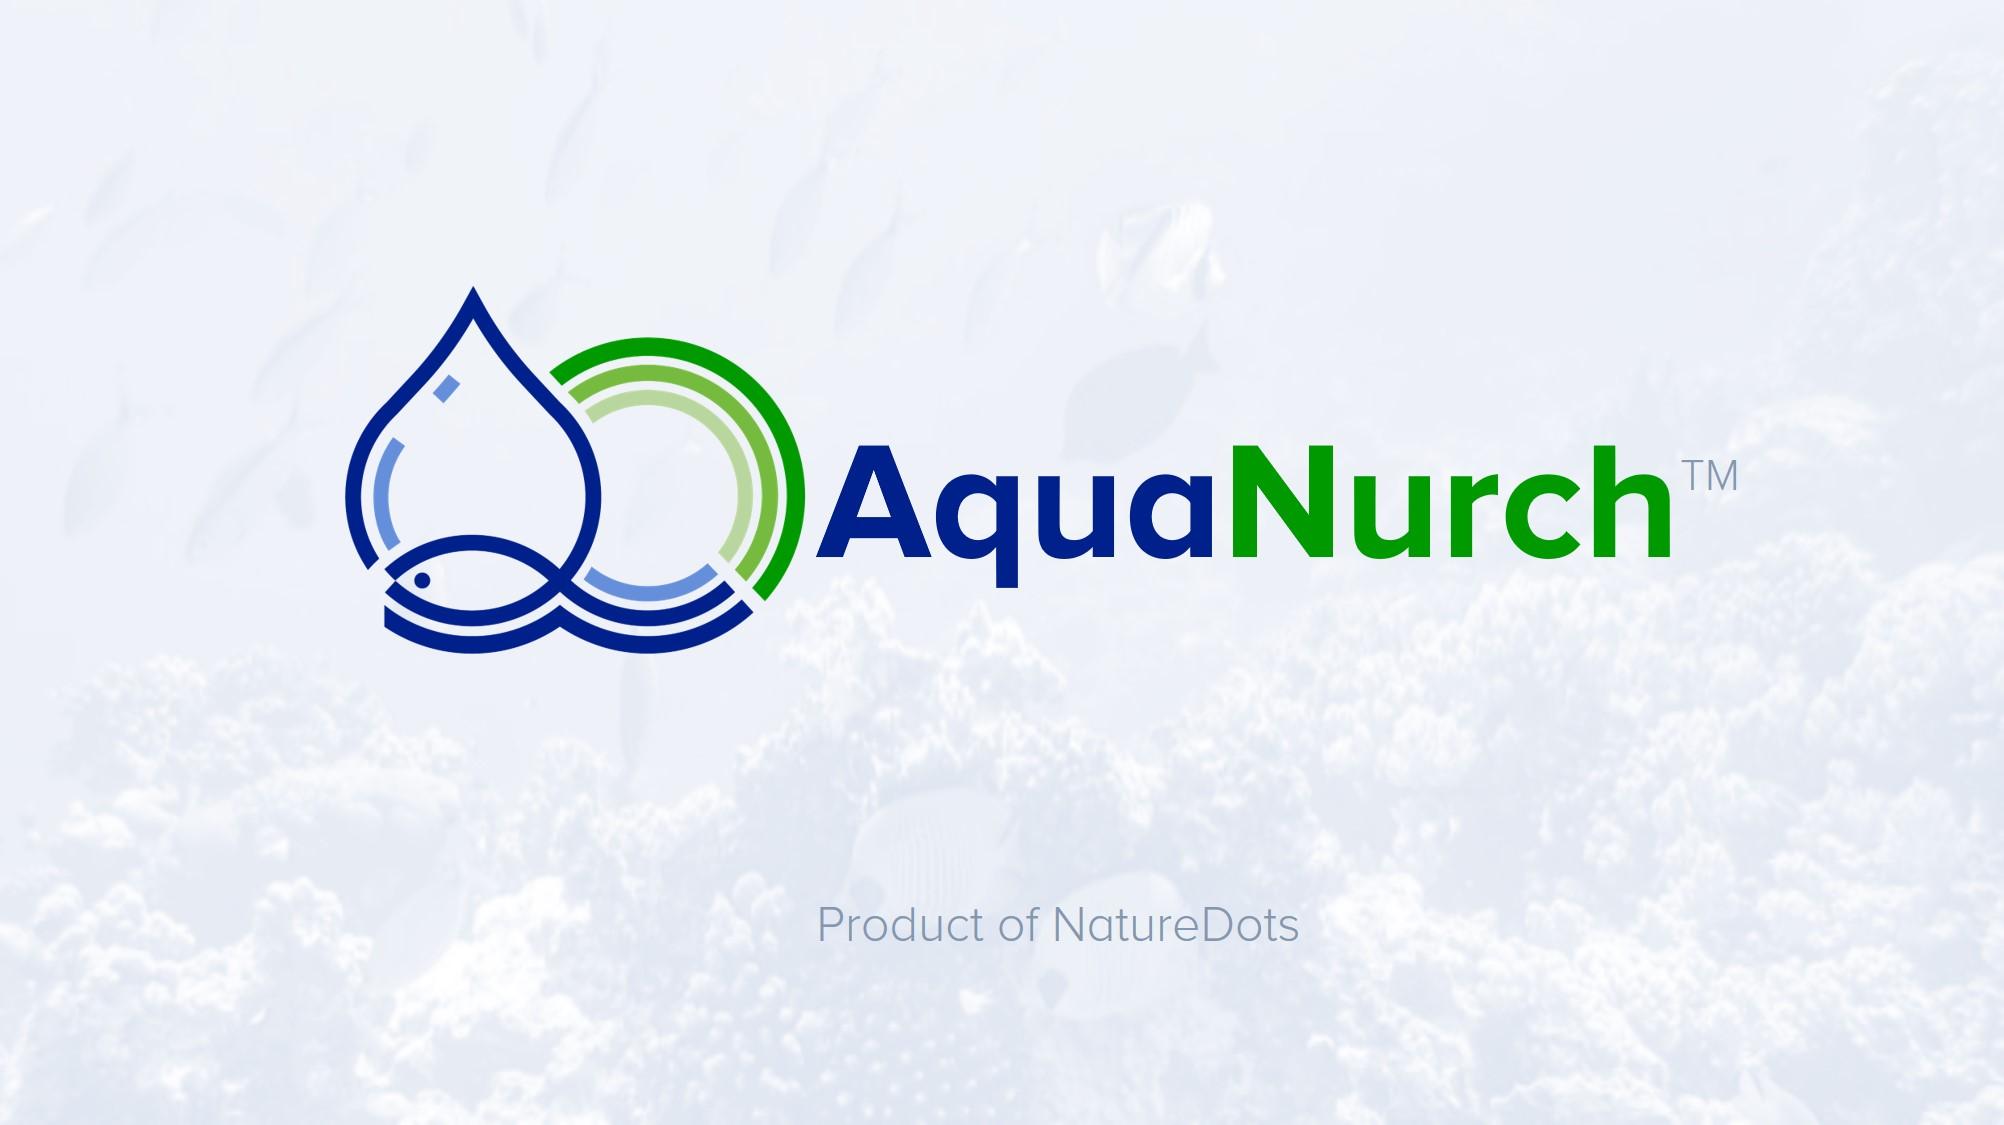 AquaNurch By NatureDots